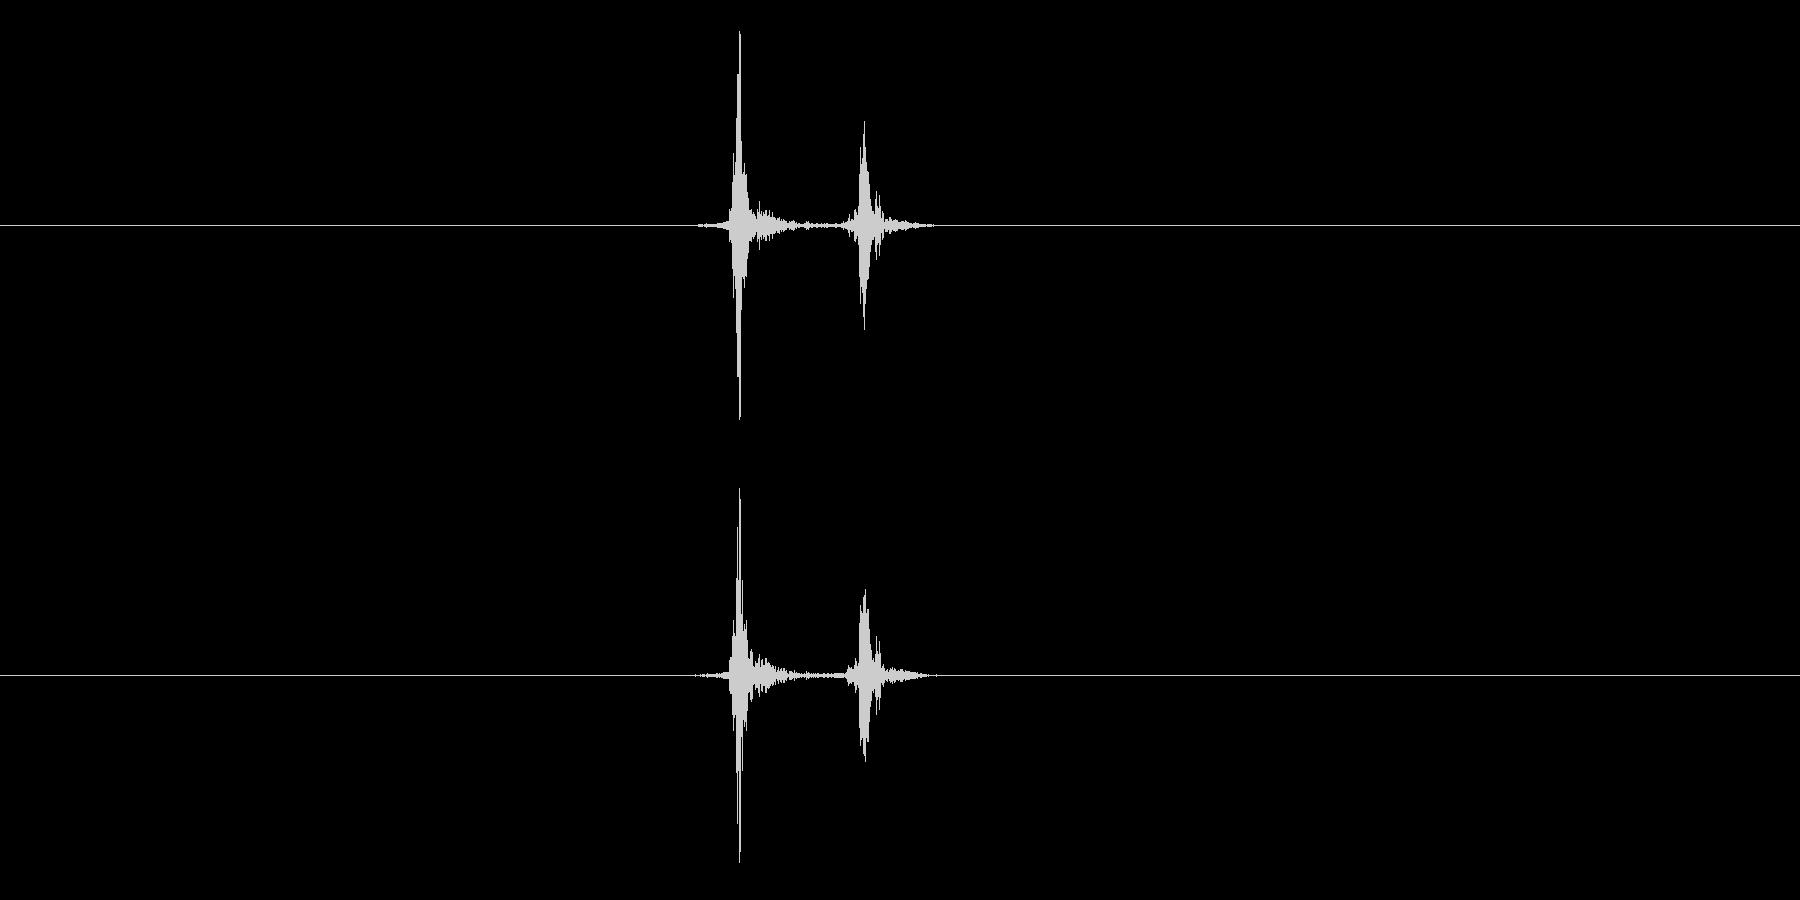 【録音】キーボードのEnterの音の未再生の波形